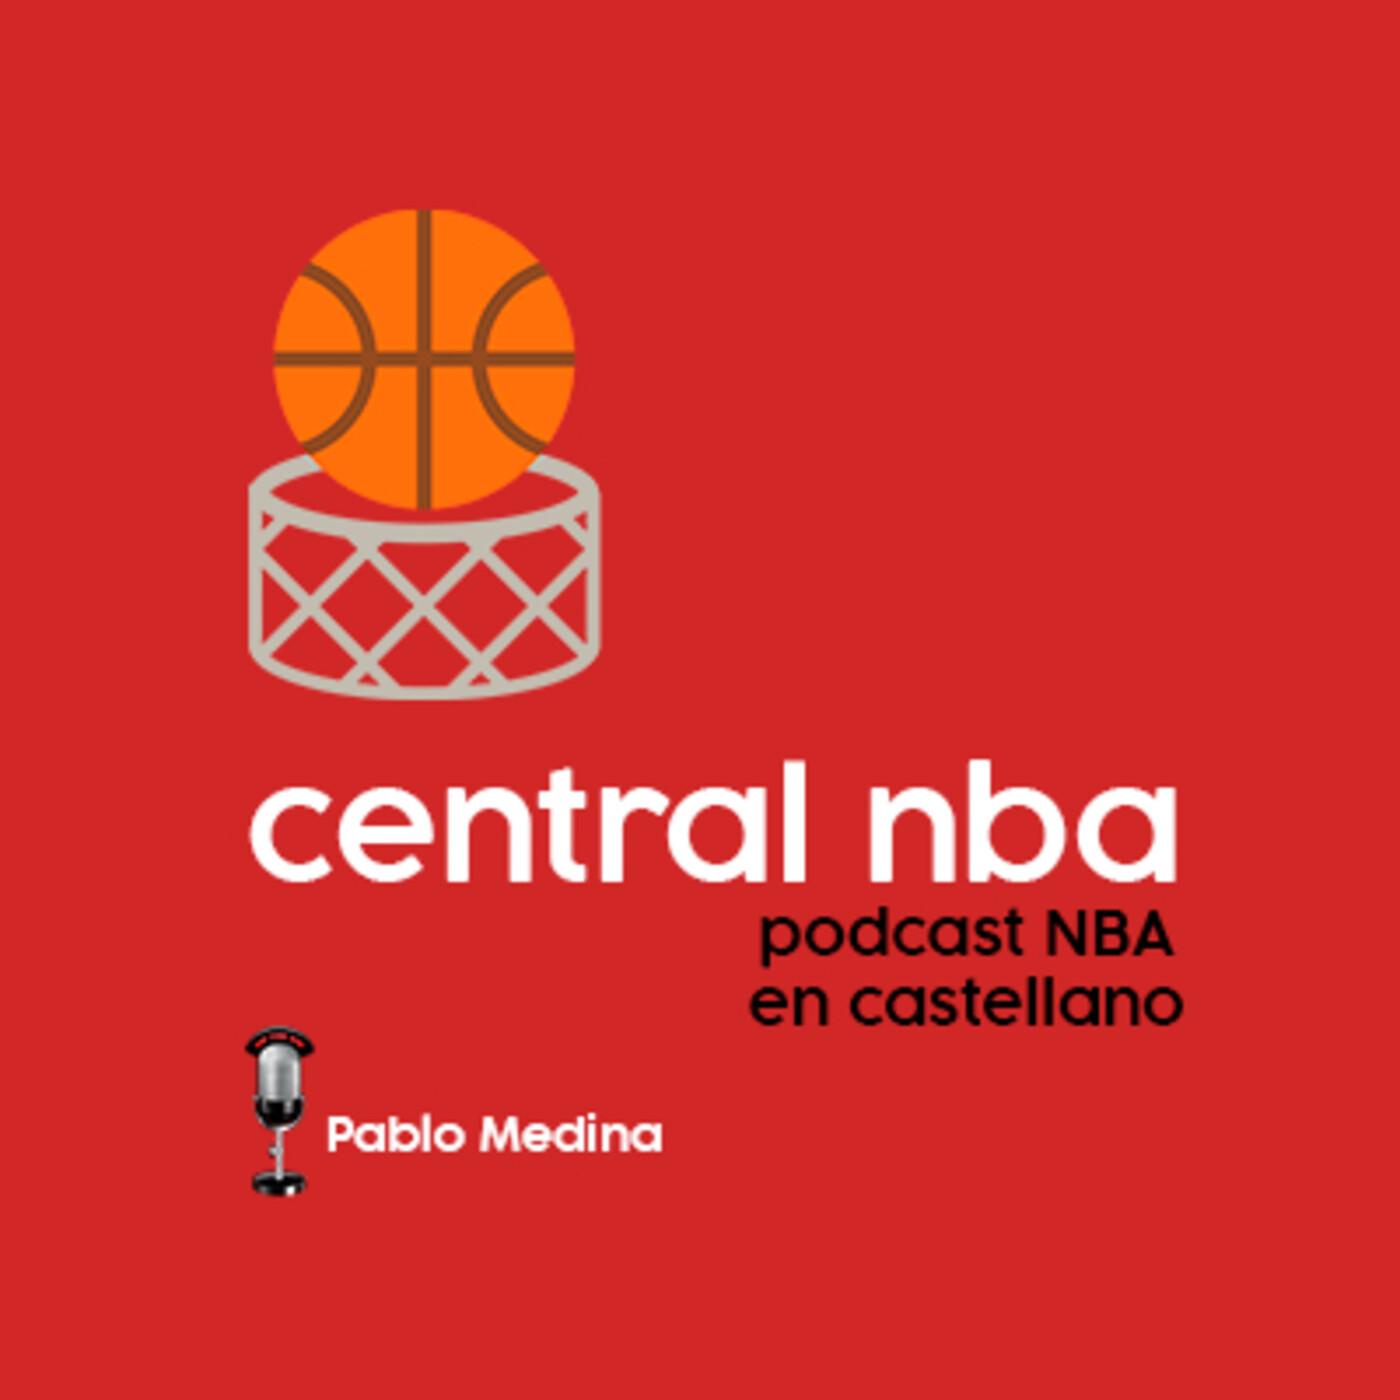 MIAMI HEAT son FINALISTAS de la NBA - VENCEN A LOS CELTICS 4-2 en FINALES DE CONFERENCIA - CENTRAL NBA #41 (28/09/2020)